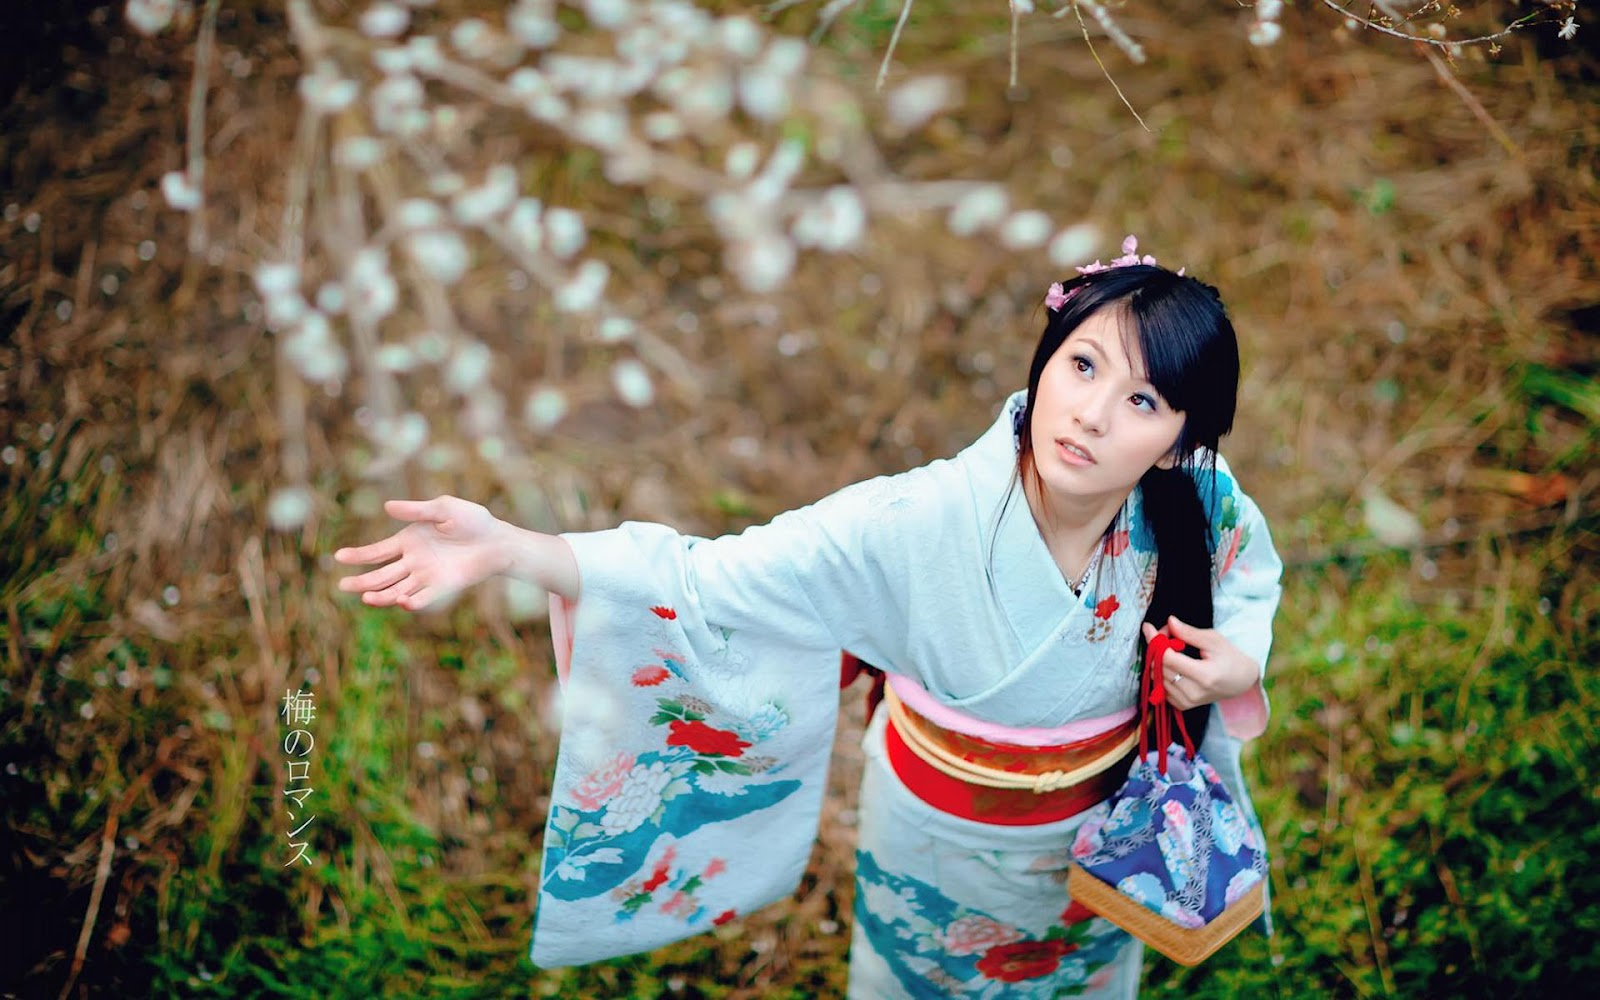 Dịch thuật tiếng Nhật tài liệu kỹ thuật, dịch thuật tiếng Nhật chuyên ngành kỹ thuạt